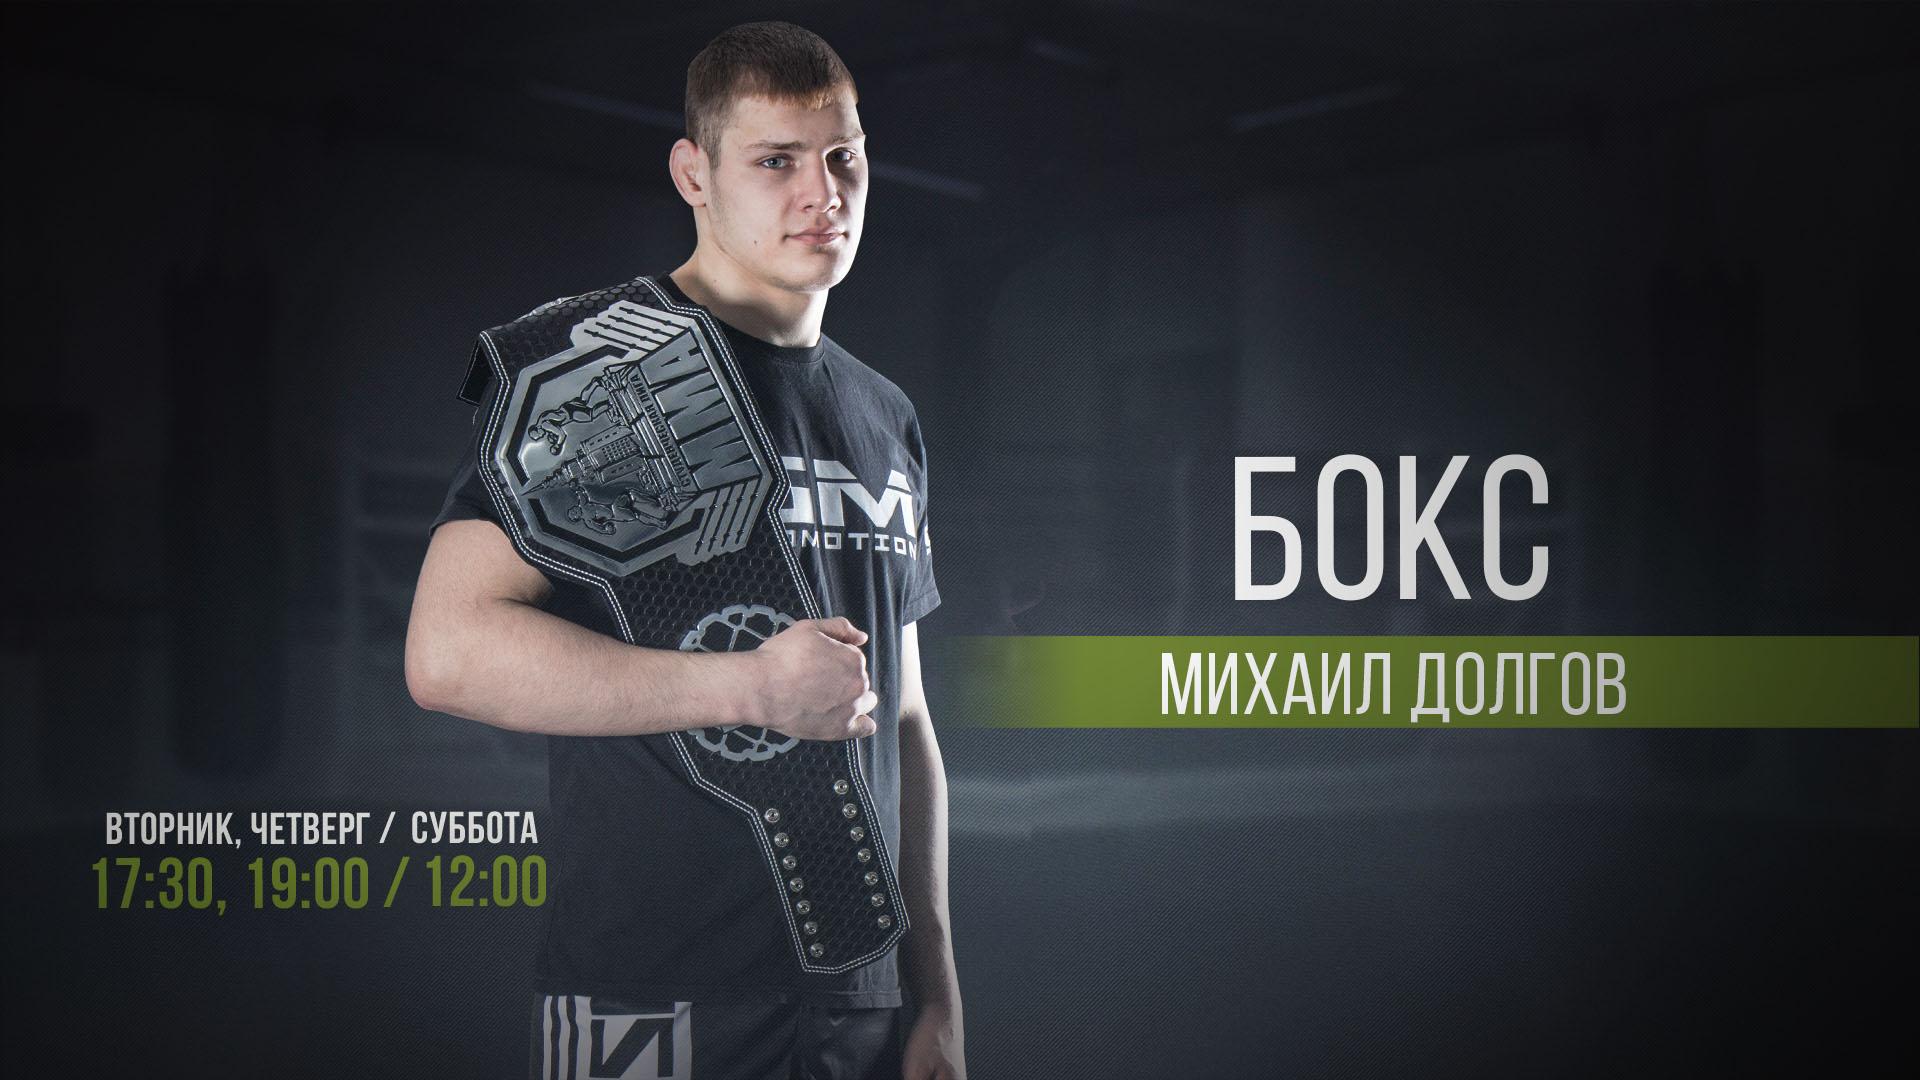 Михаил Долгов (ТРЕНЕР ПО БОКСУ GMGYM)